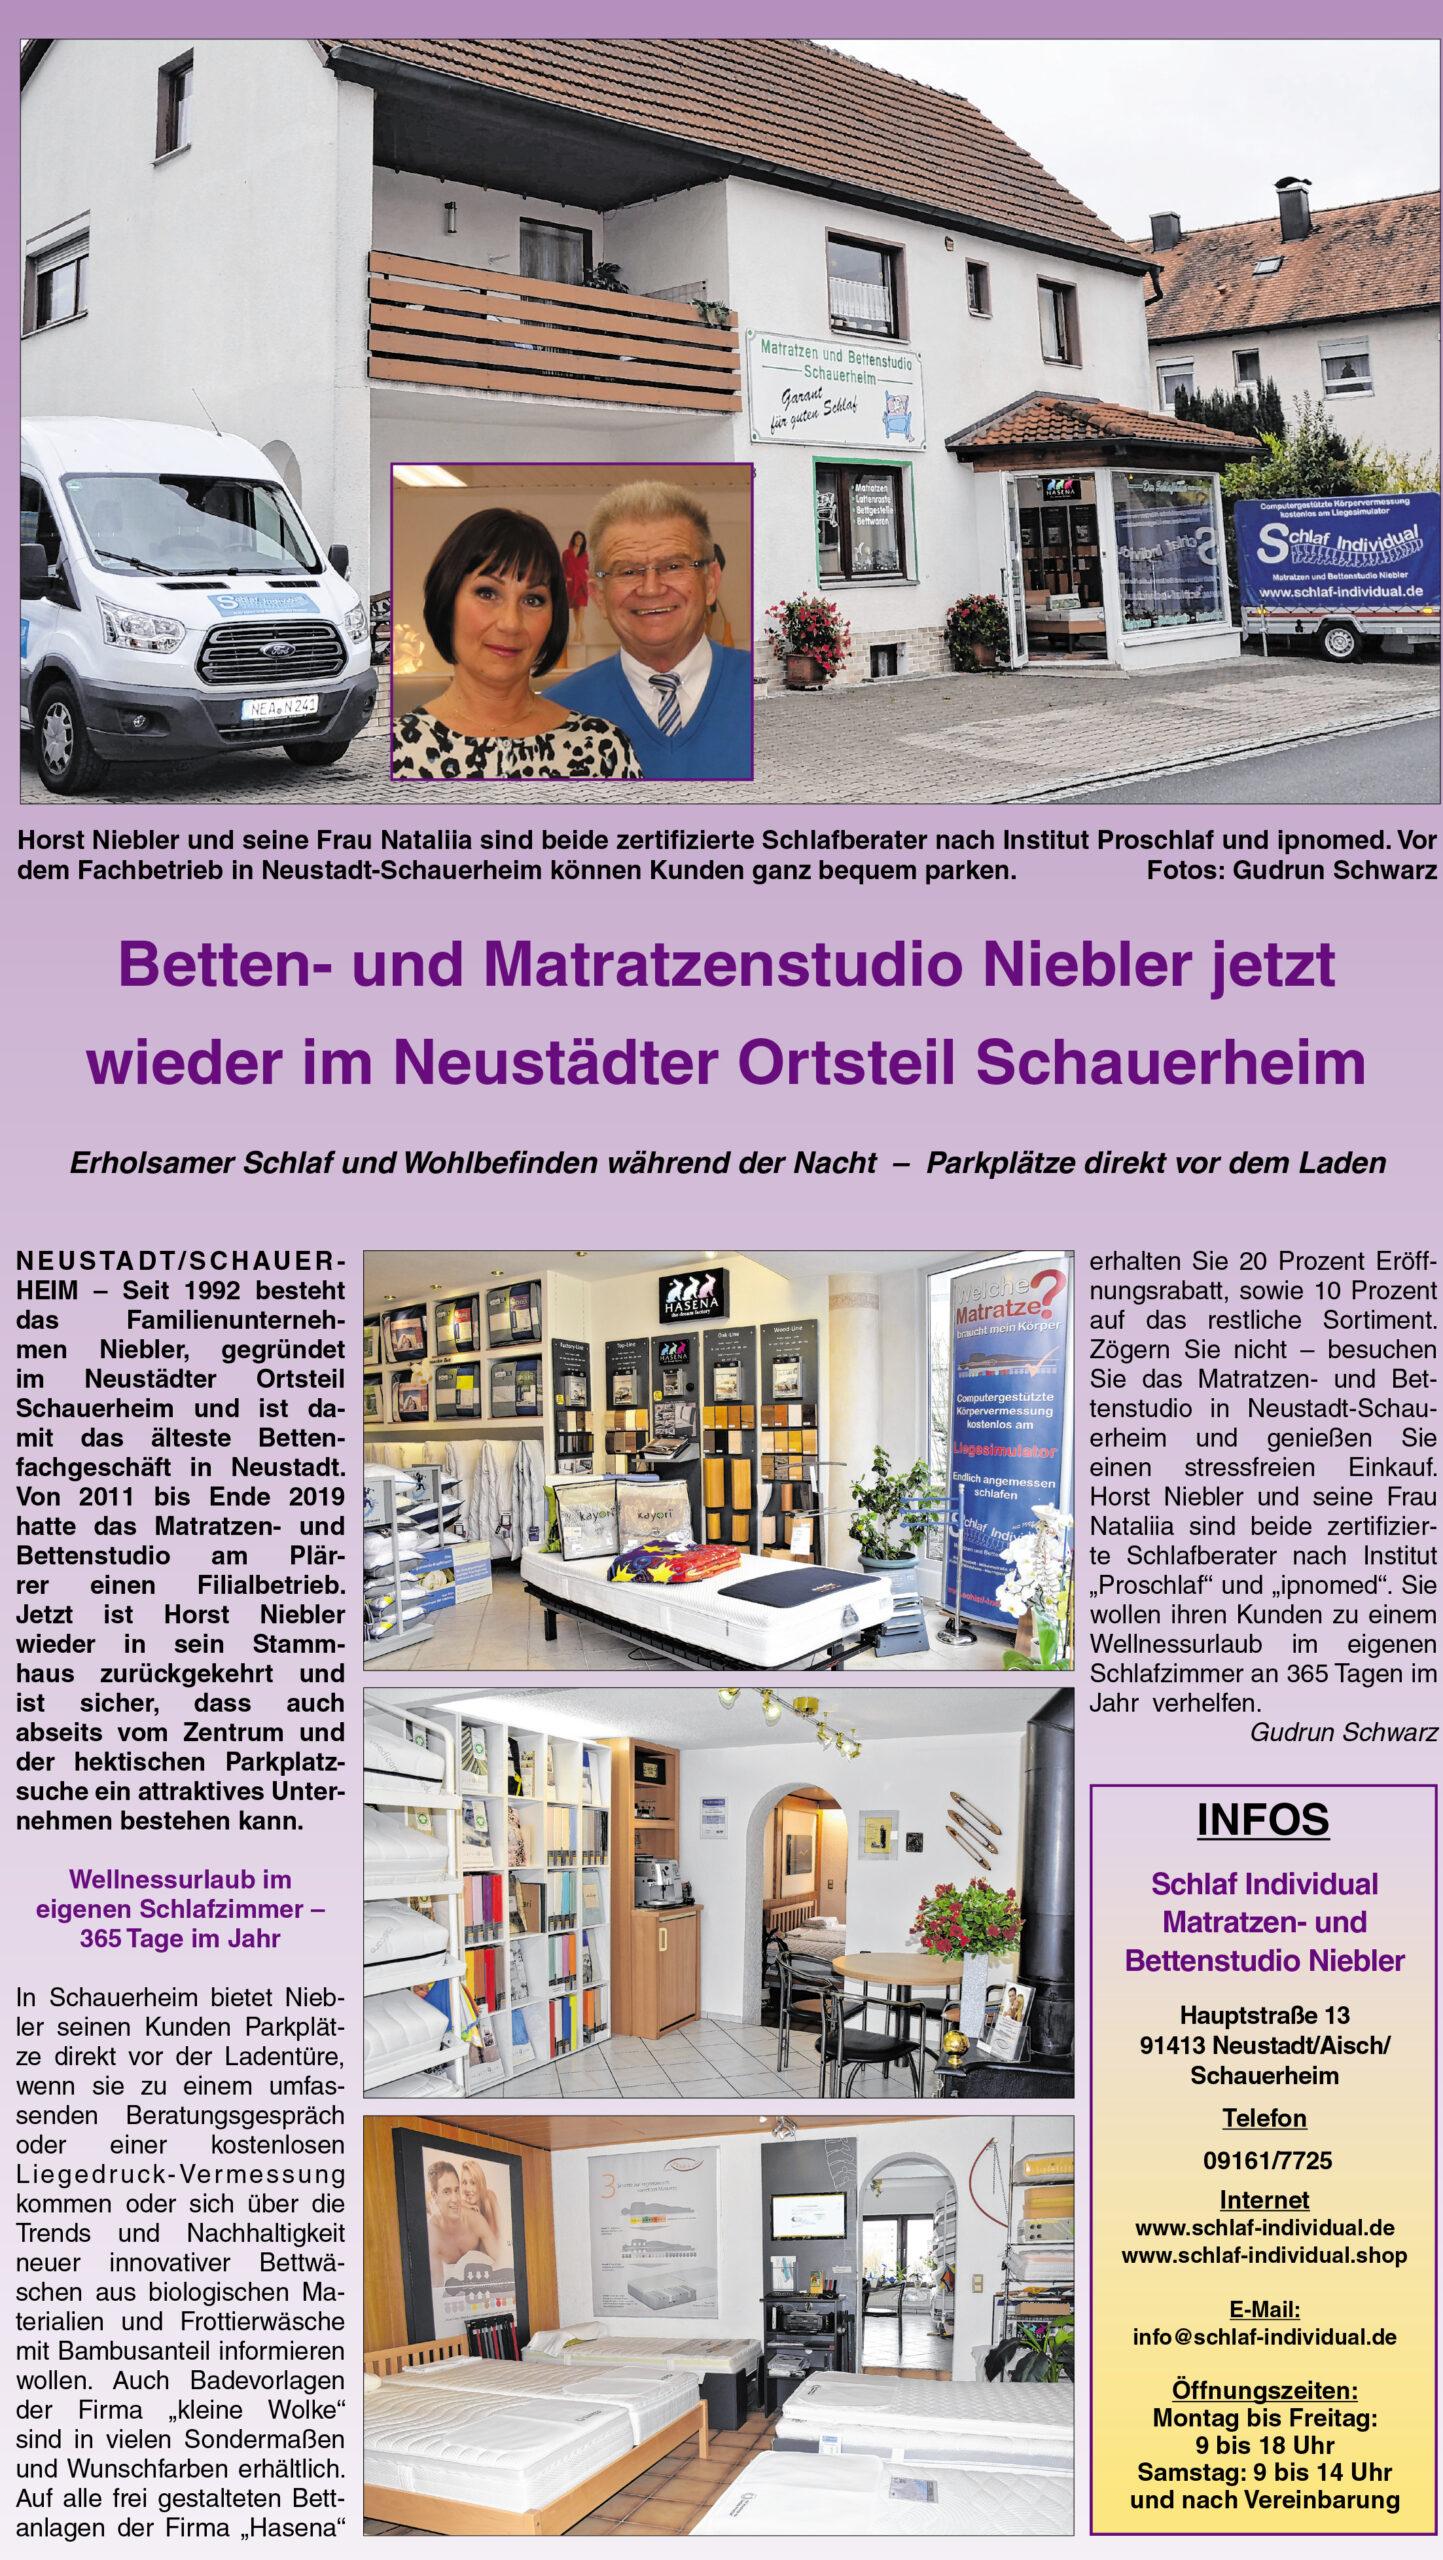 Full Size of Schlaf Individual Matratzen Und Bettenstudio Niebler Startseite Betten München Sofa Wohnzimmer Schlafstudio München